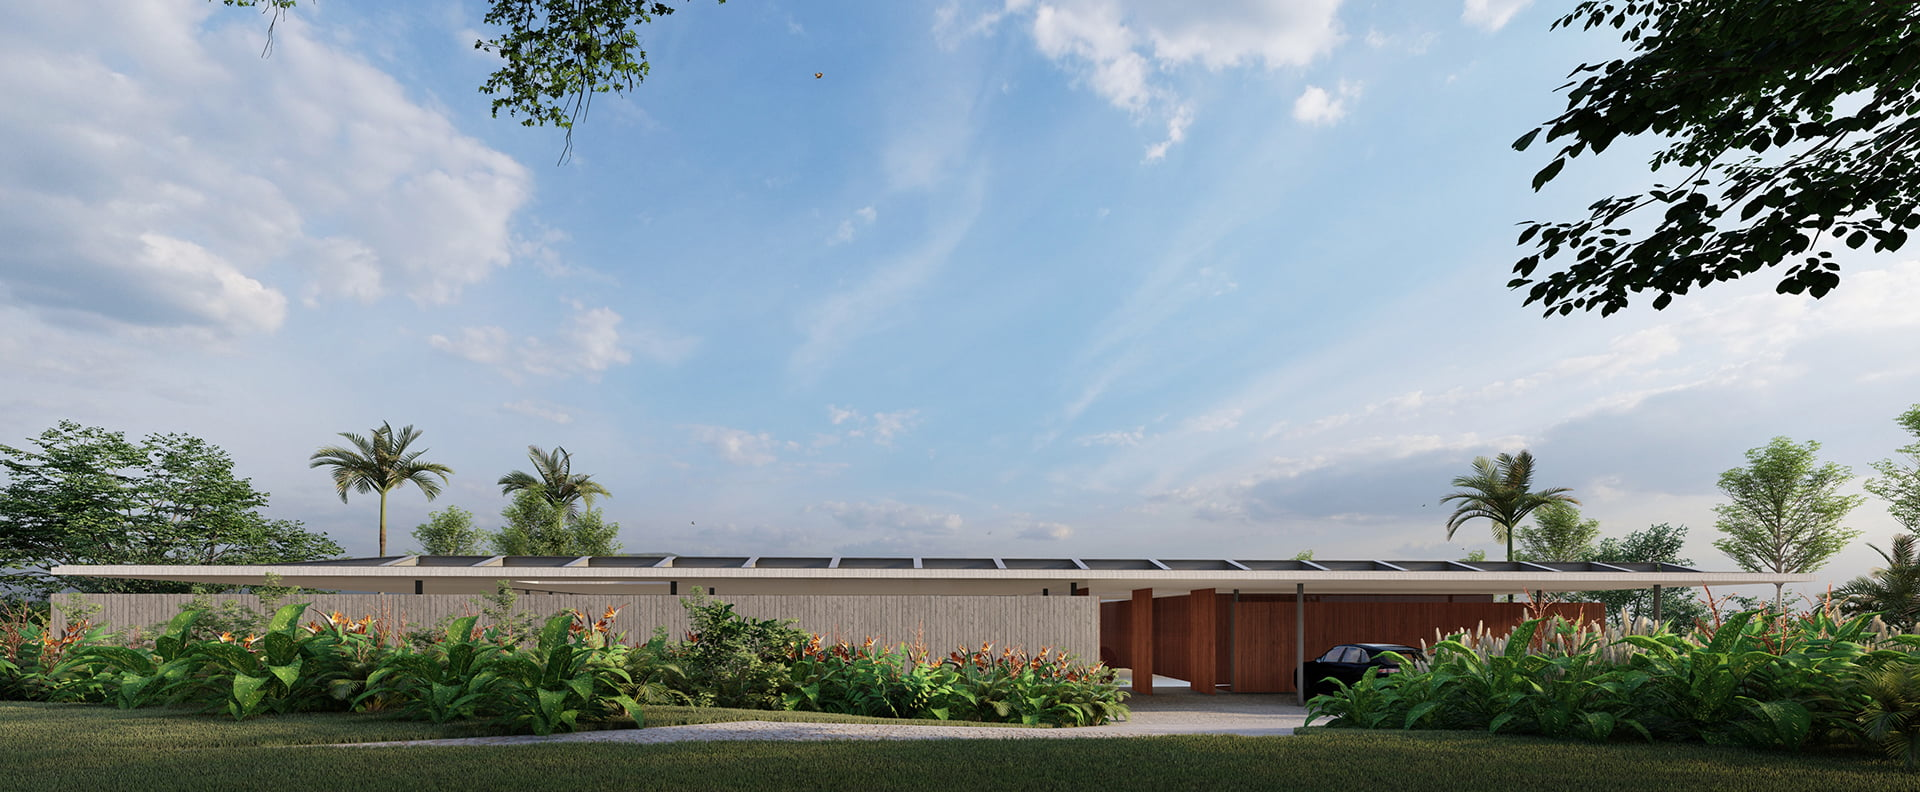 Sabella Arquitetura - Casa da Escultura